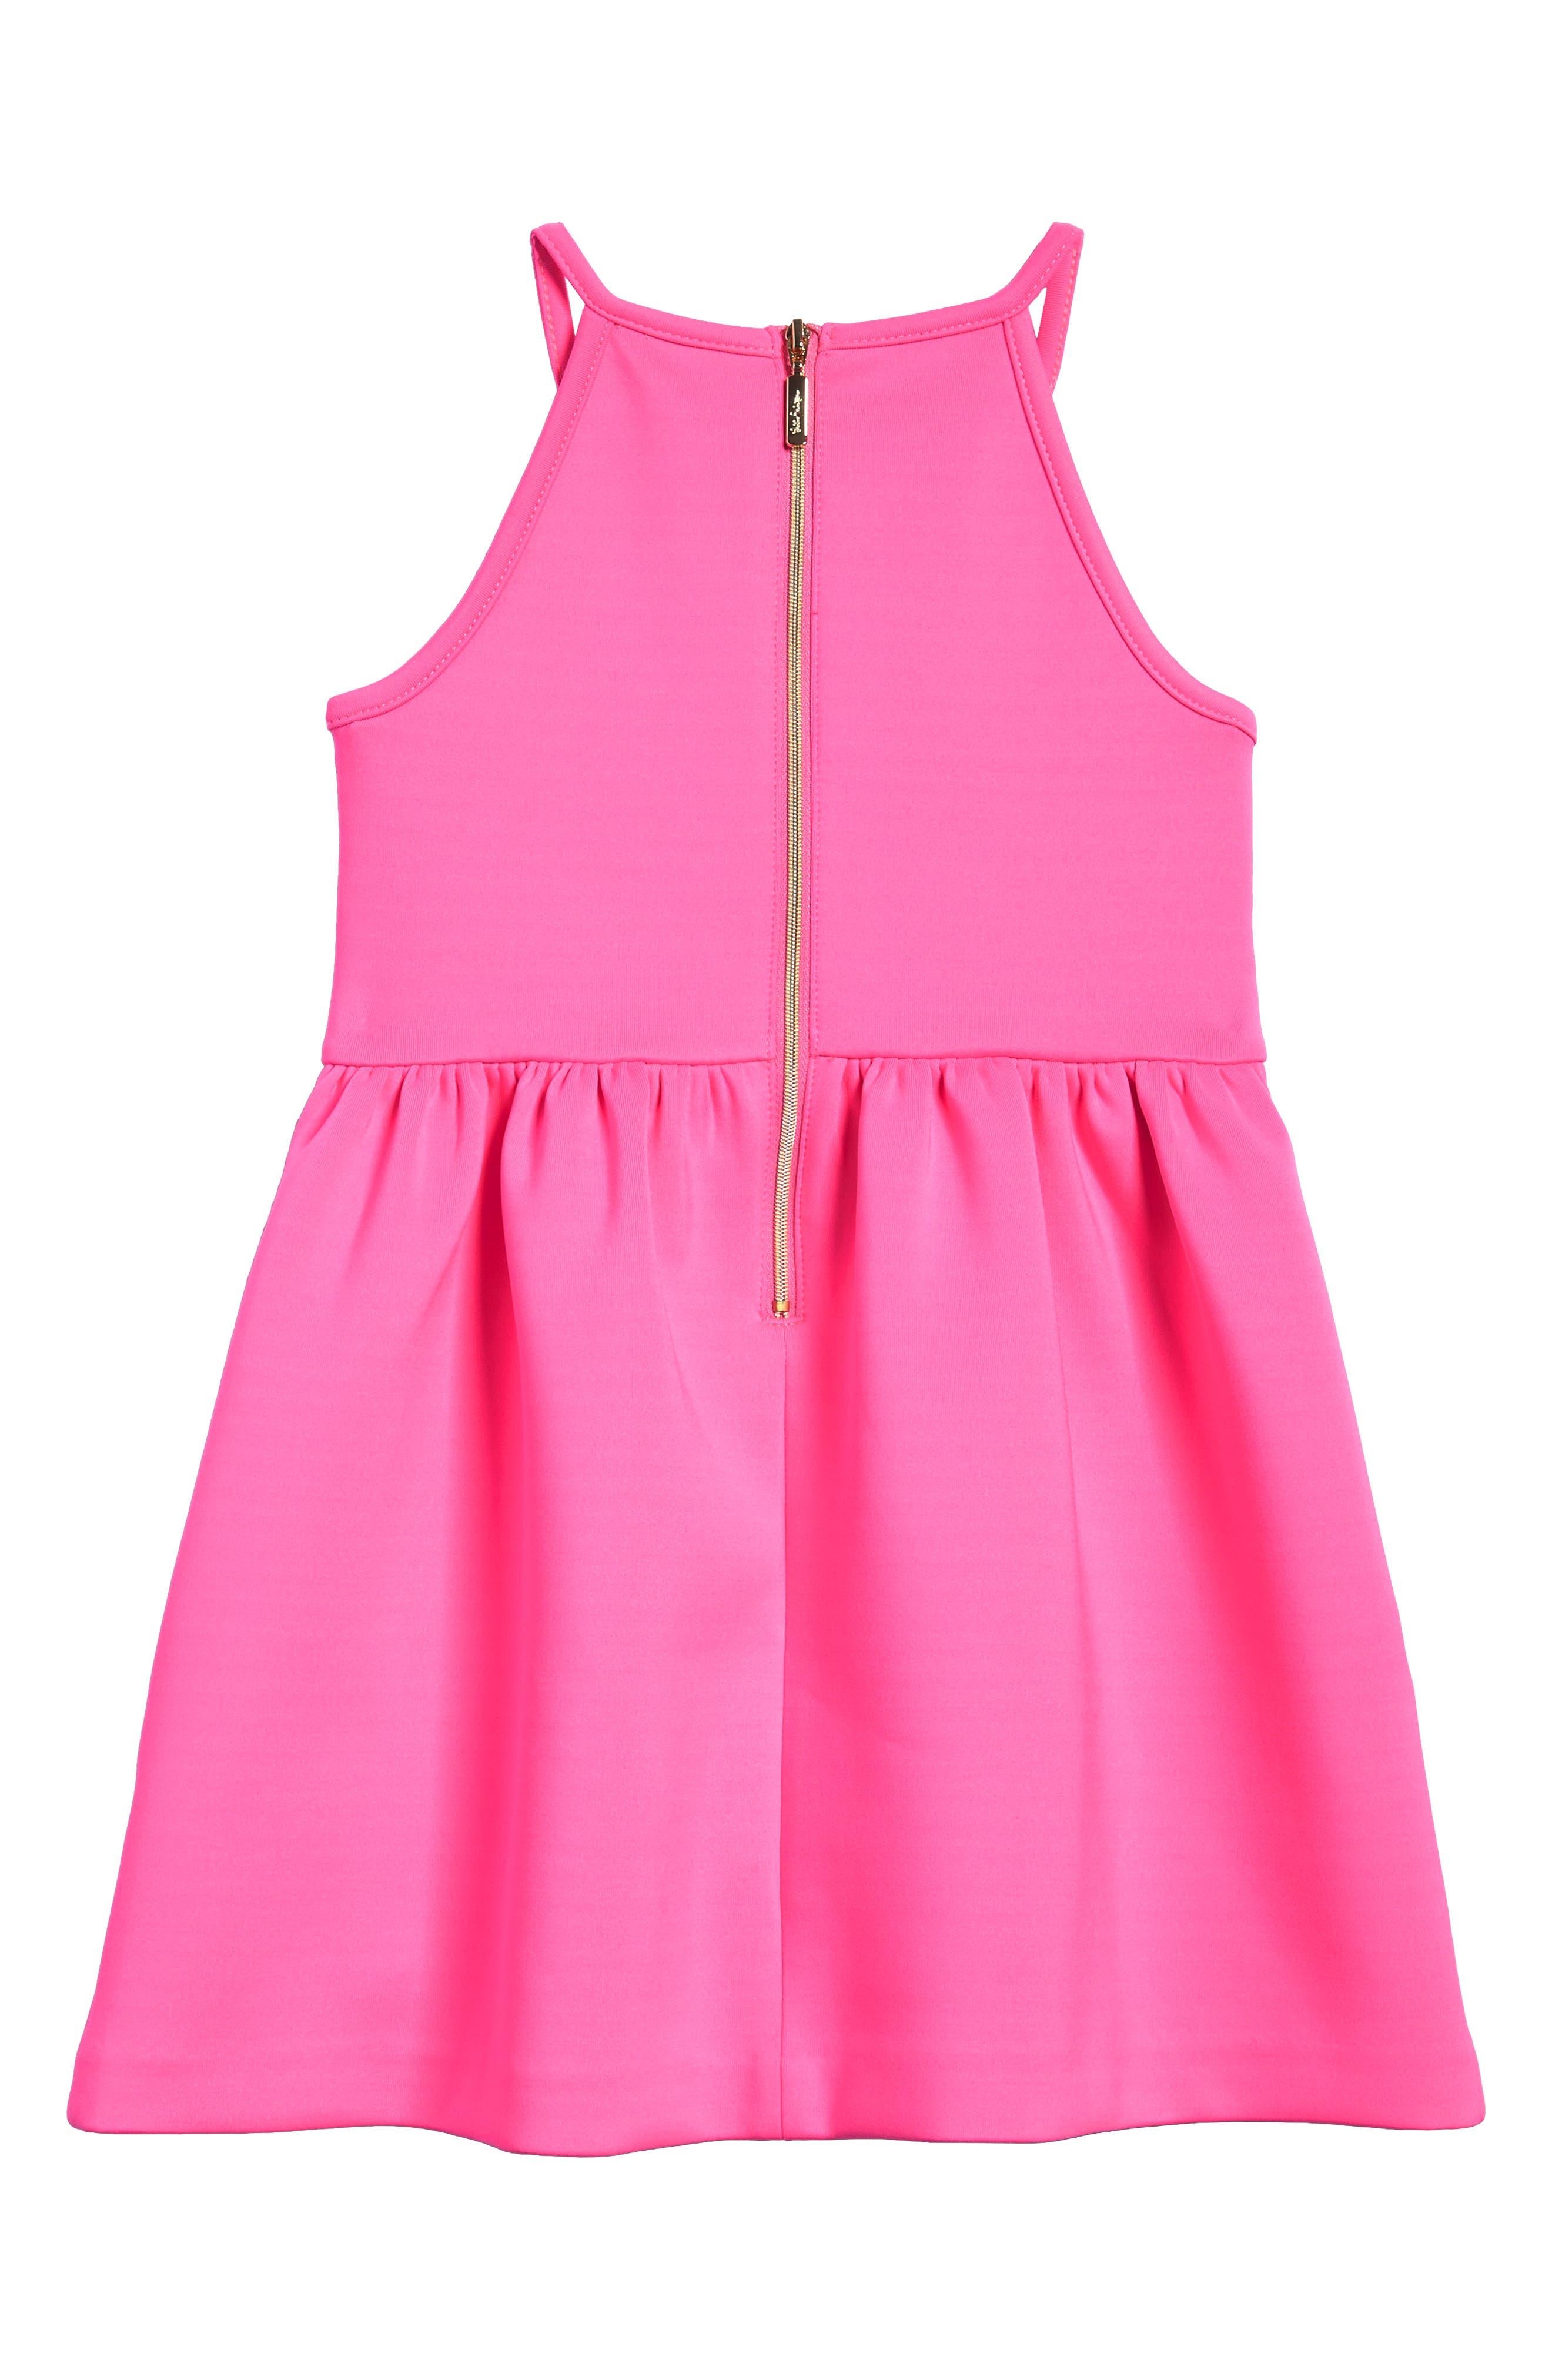 Elize Fit & Flare Dress,                             Alternate thumbnail 2, color,                             655